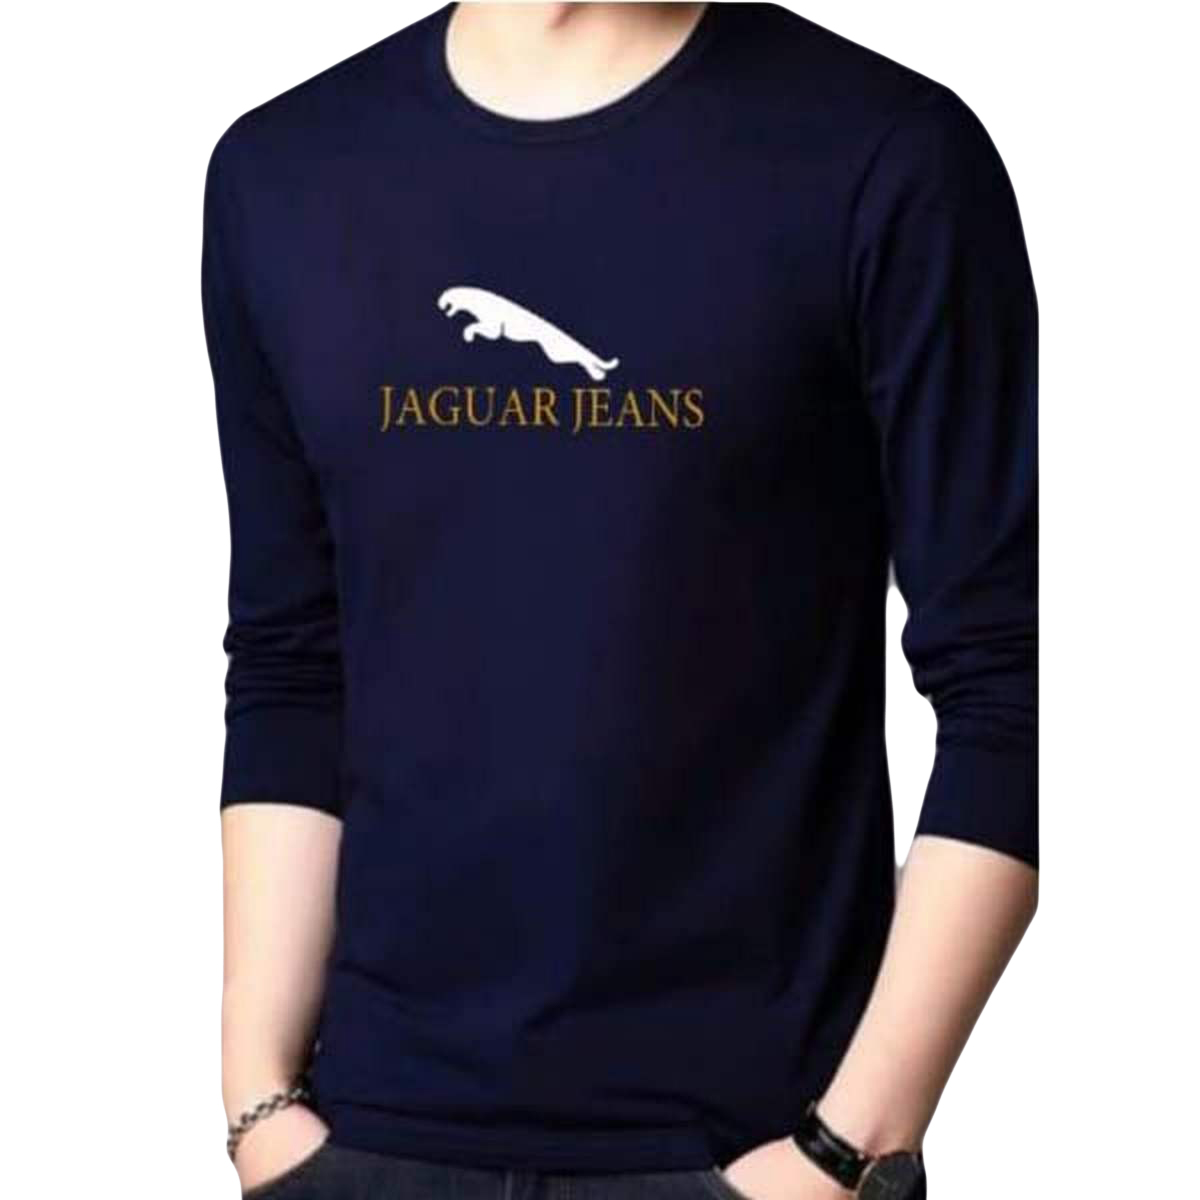 Full Sleeves T shirt for men